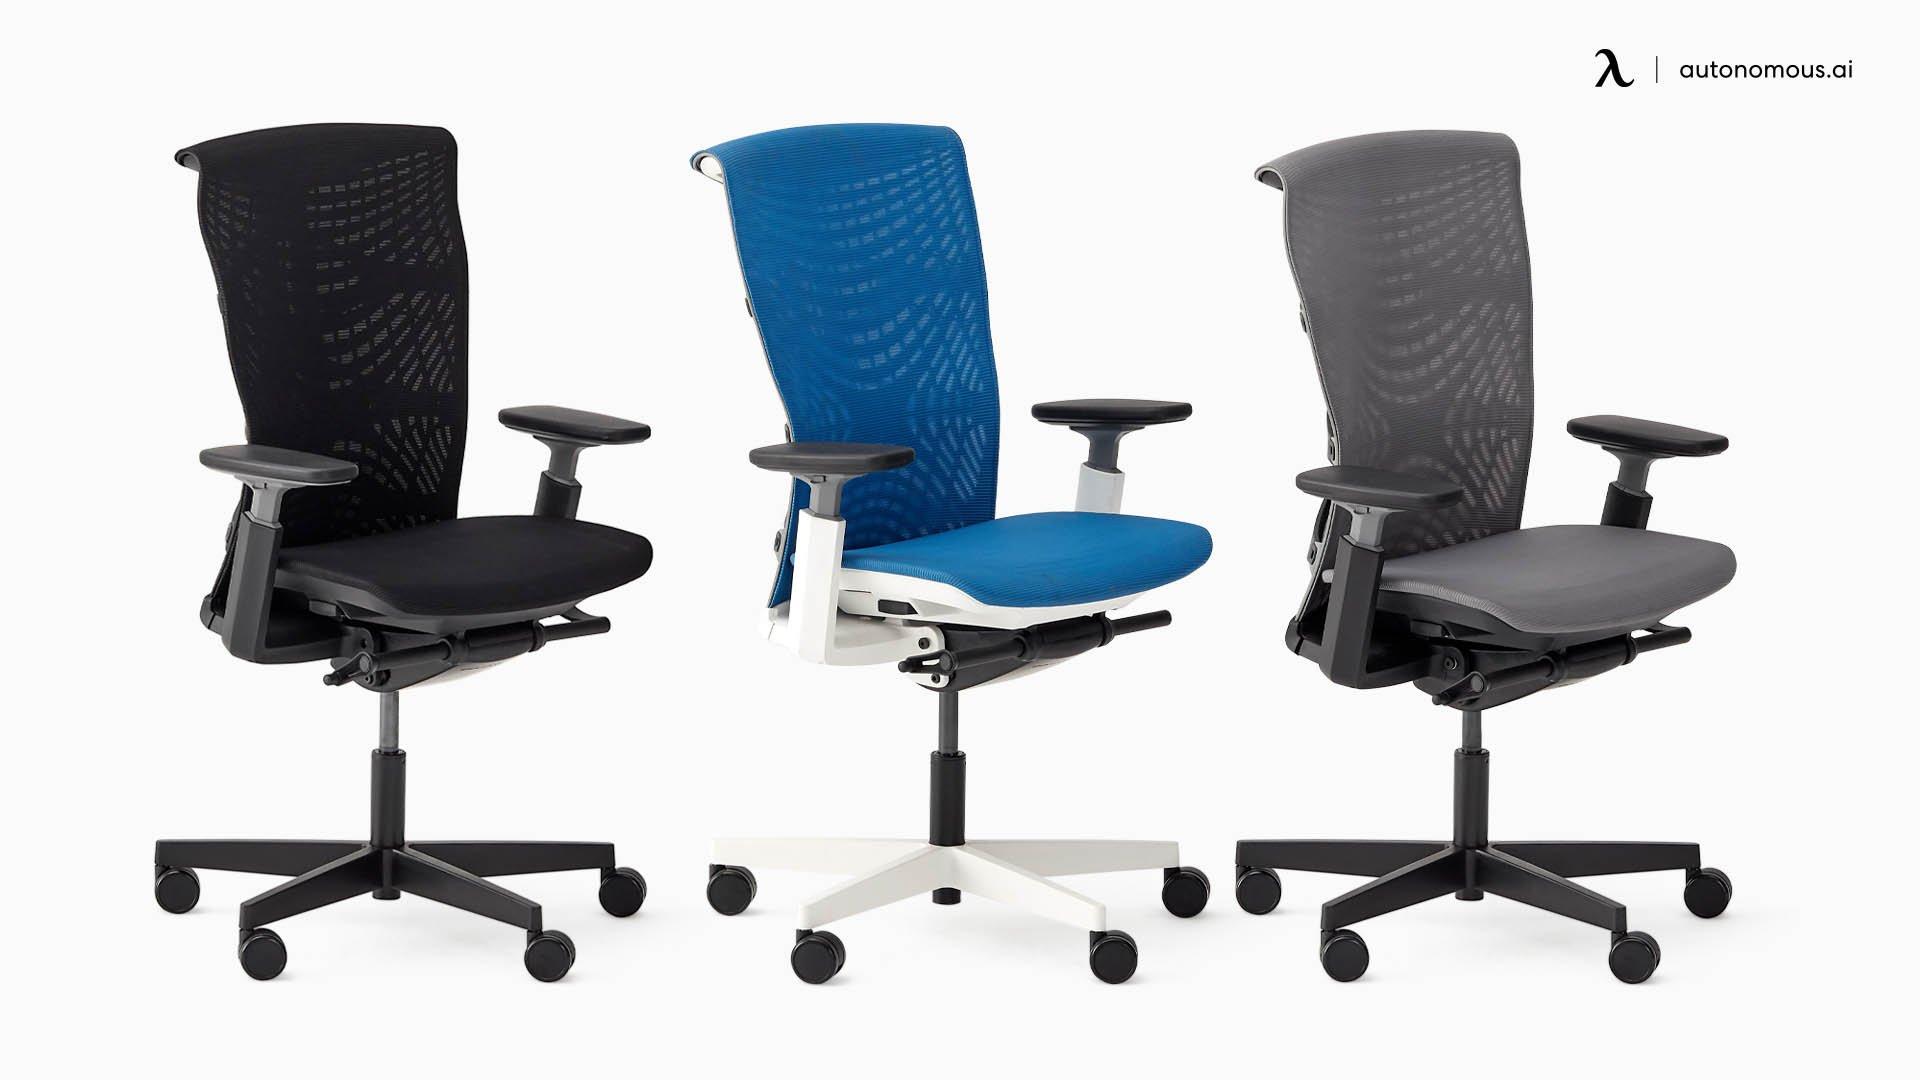 Autonomous Kinn Chair with Back Support